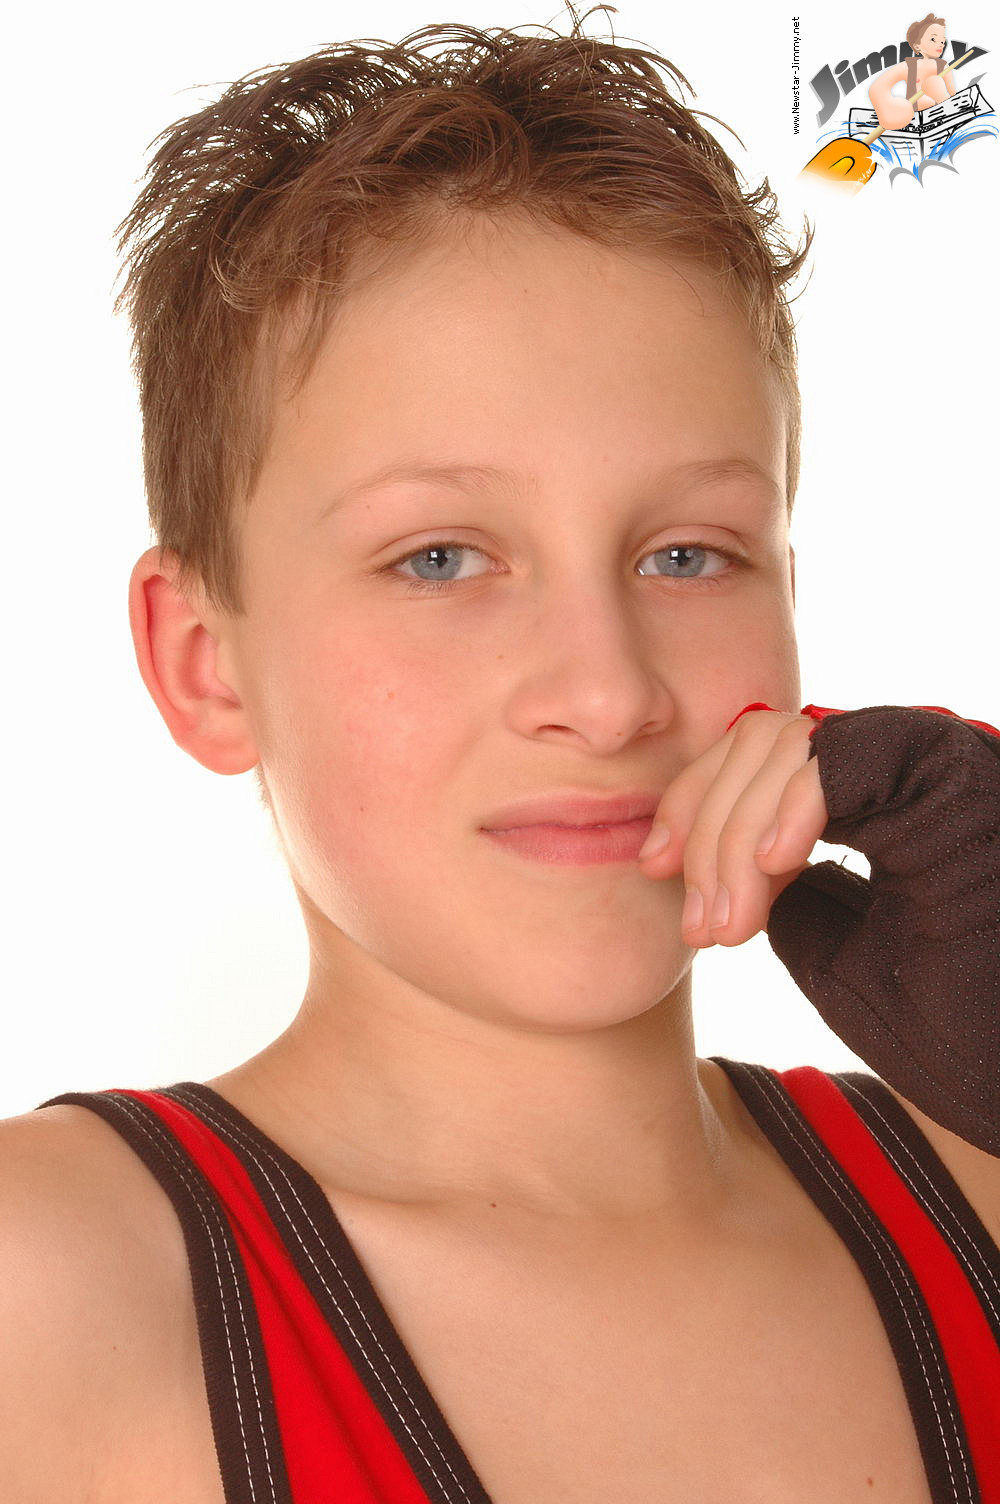 Newstar tonik boy:2軒目の画像検索(p.4)